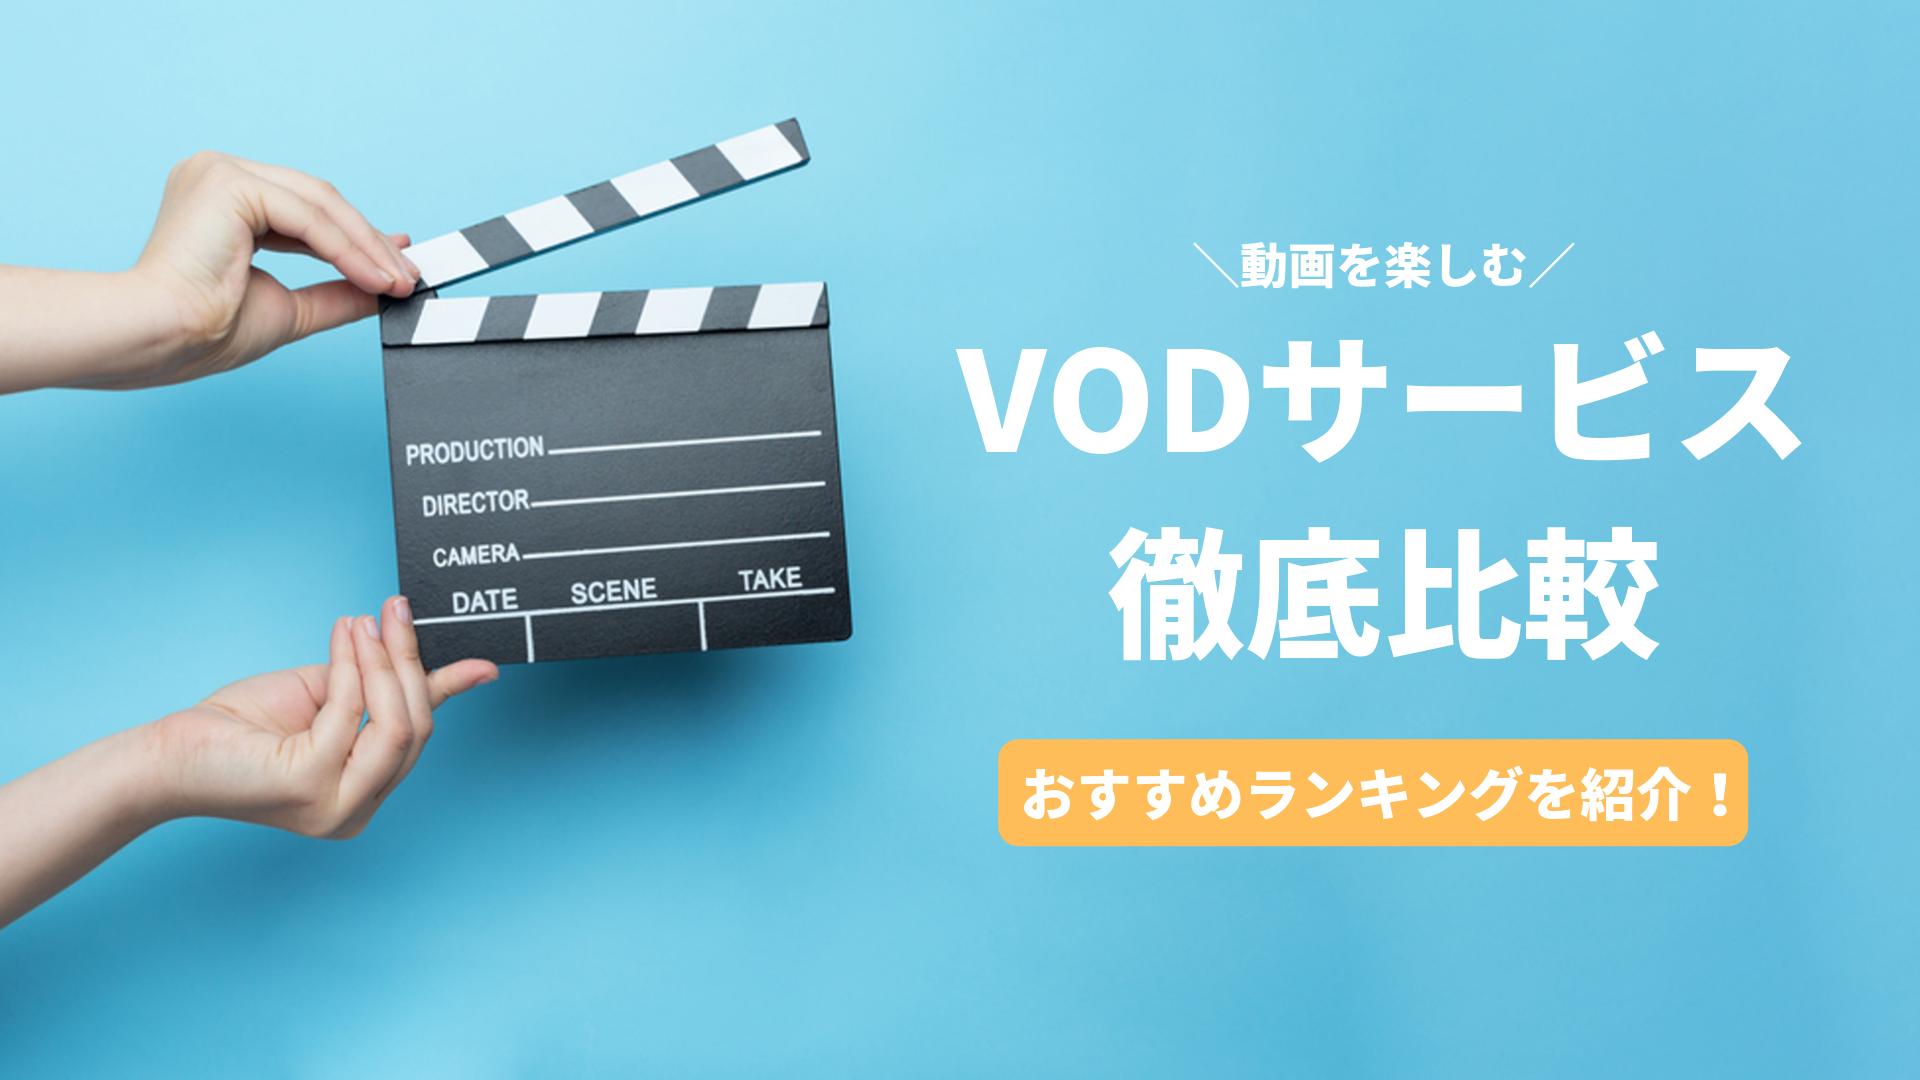 VOD(ビデオオンデマンド)サービスを徹底比較!おすすめランキングを紹介!